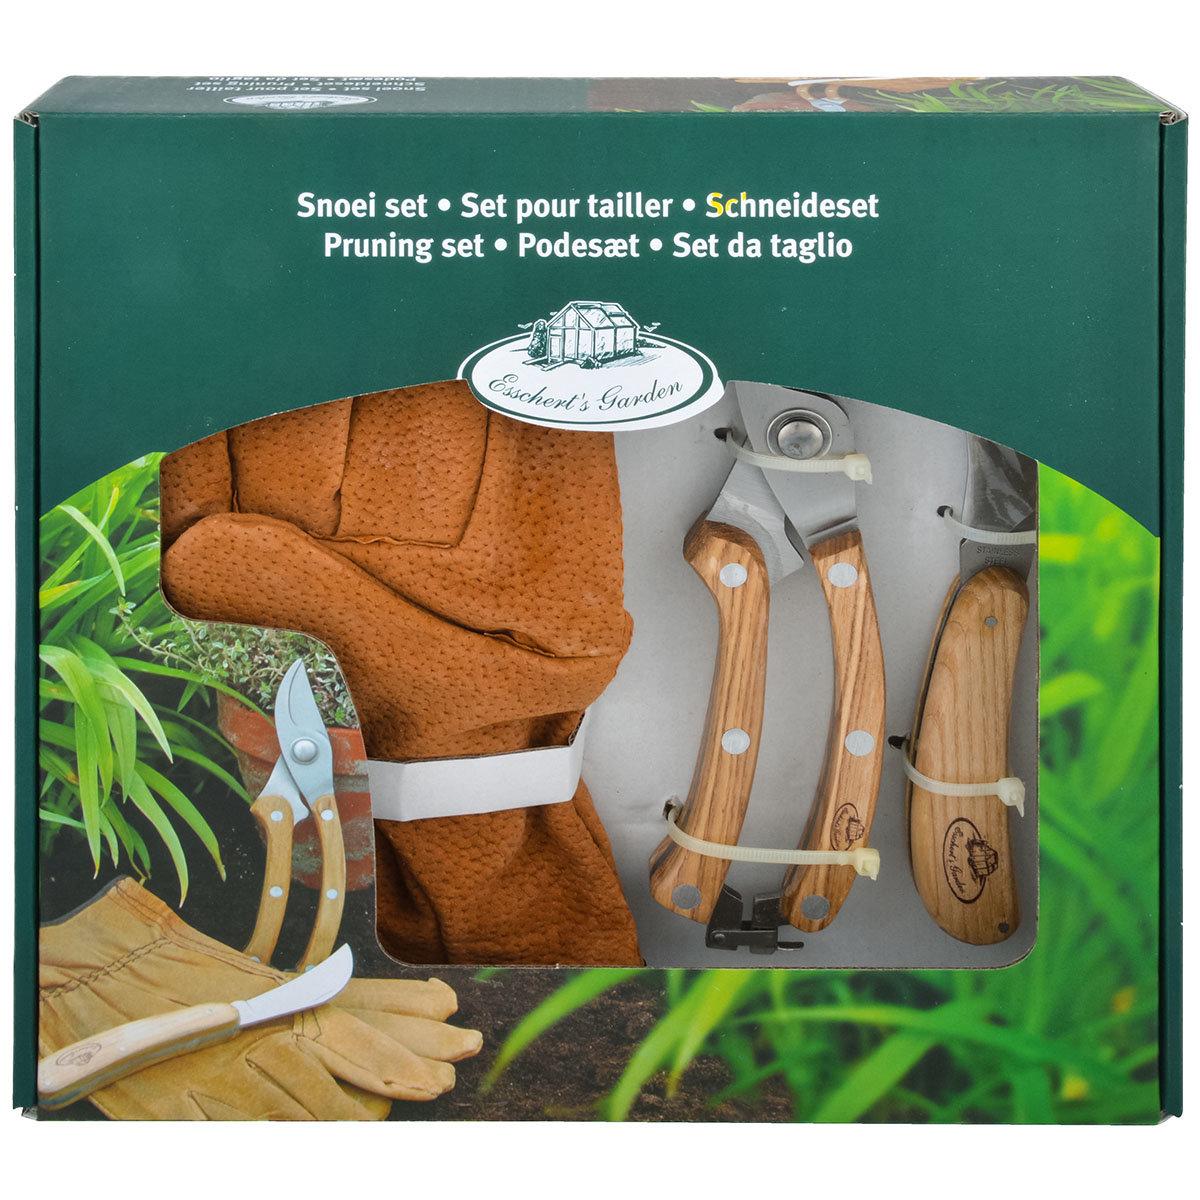 Gartenwerkzeug-Set, Schlossgärtner, Eschenholzgriff, Edelstahl, mit Lederhandschuhen | #4